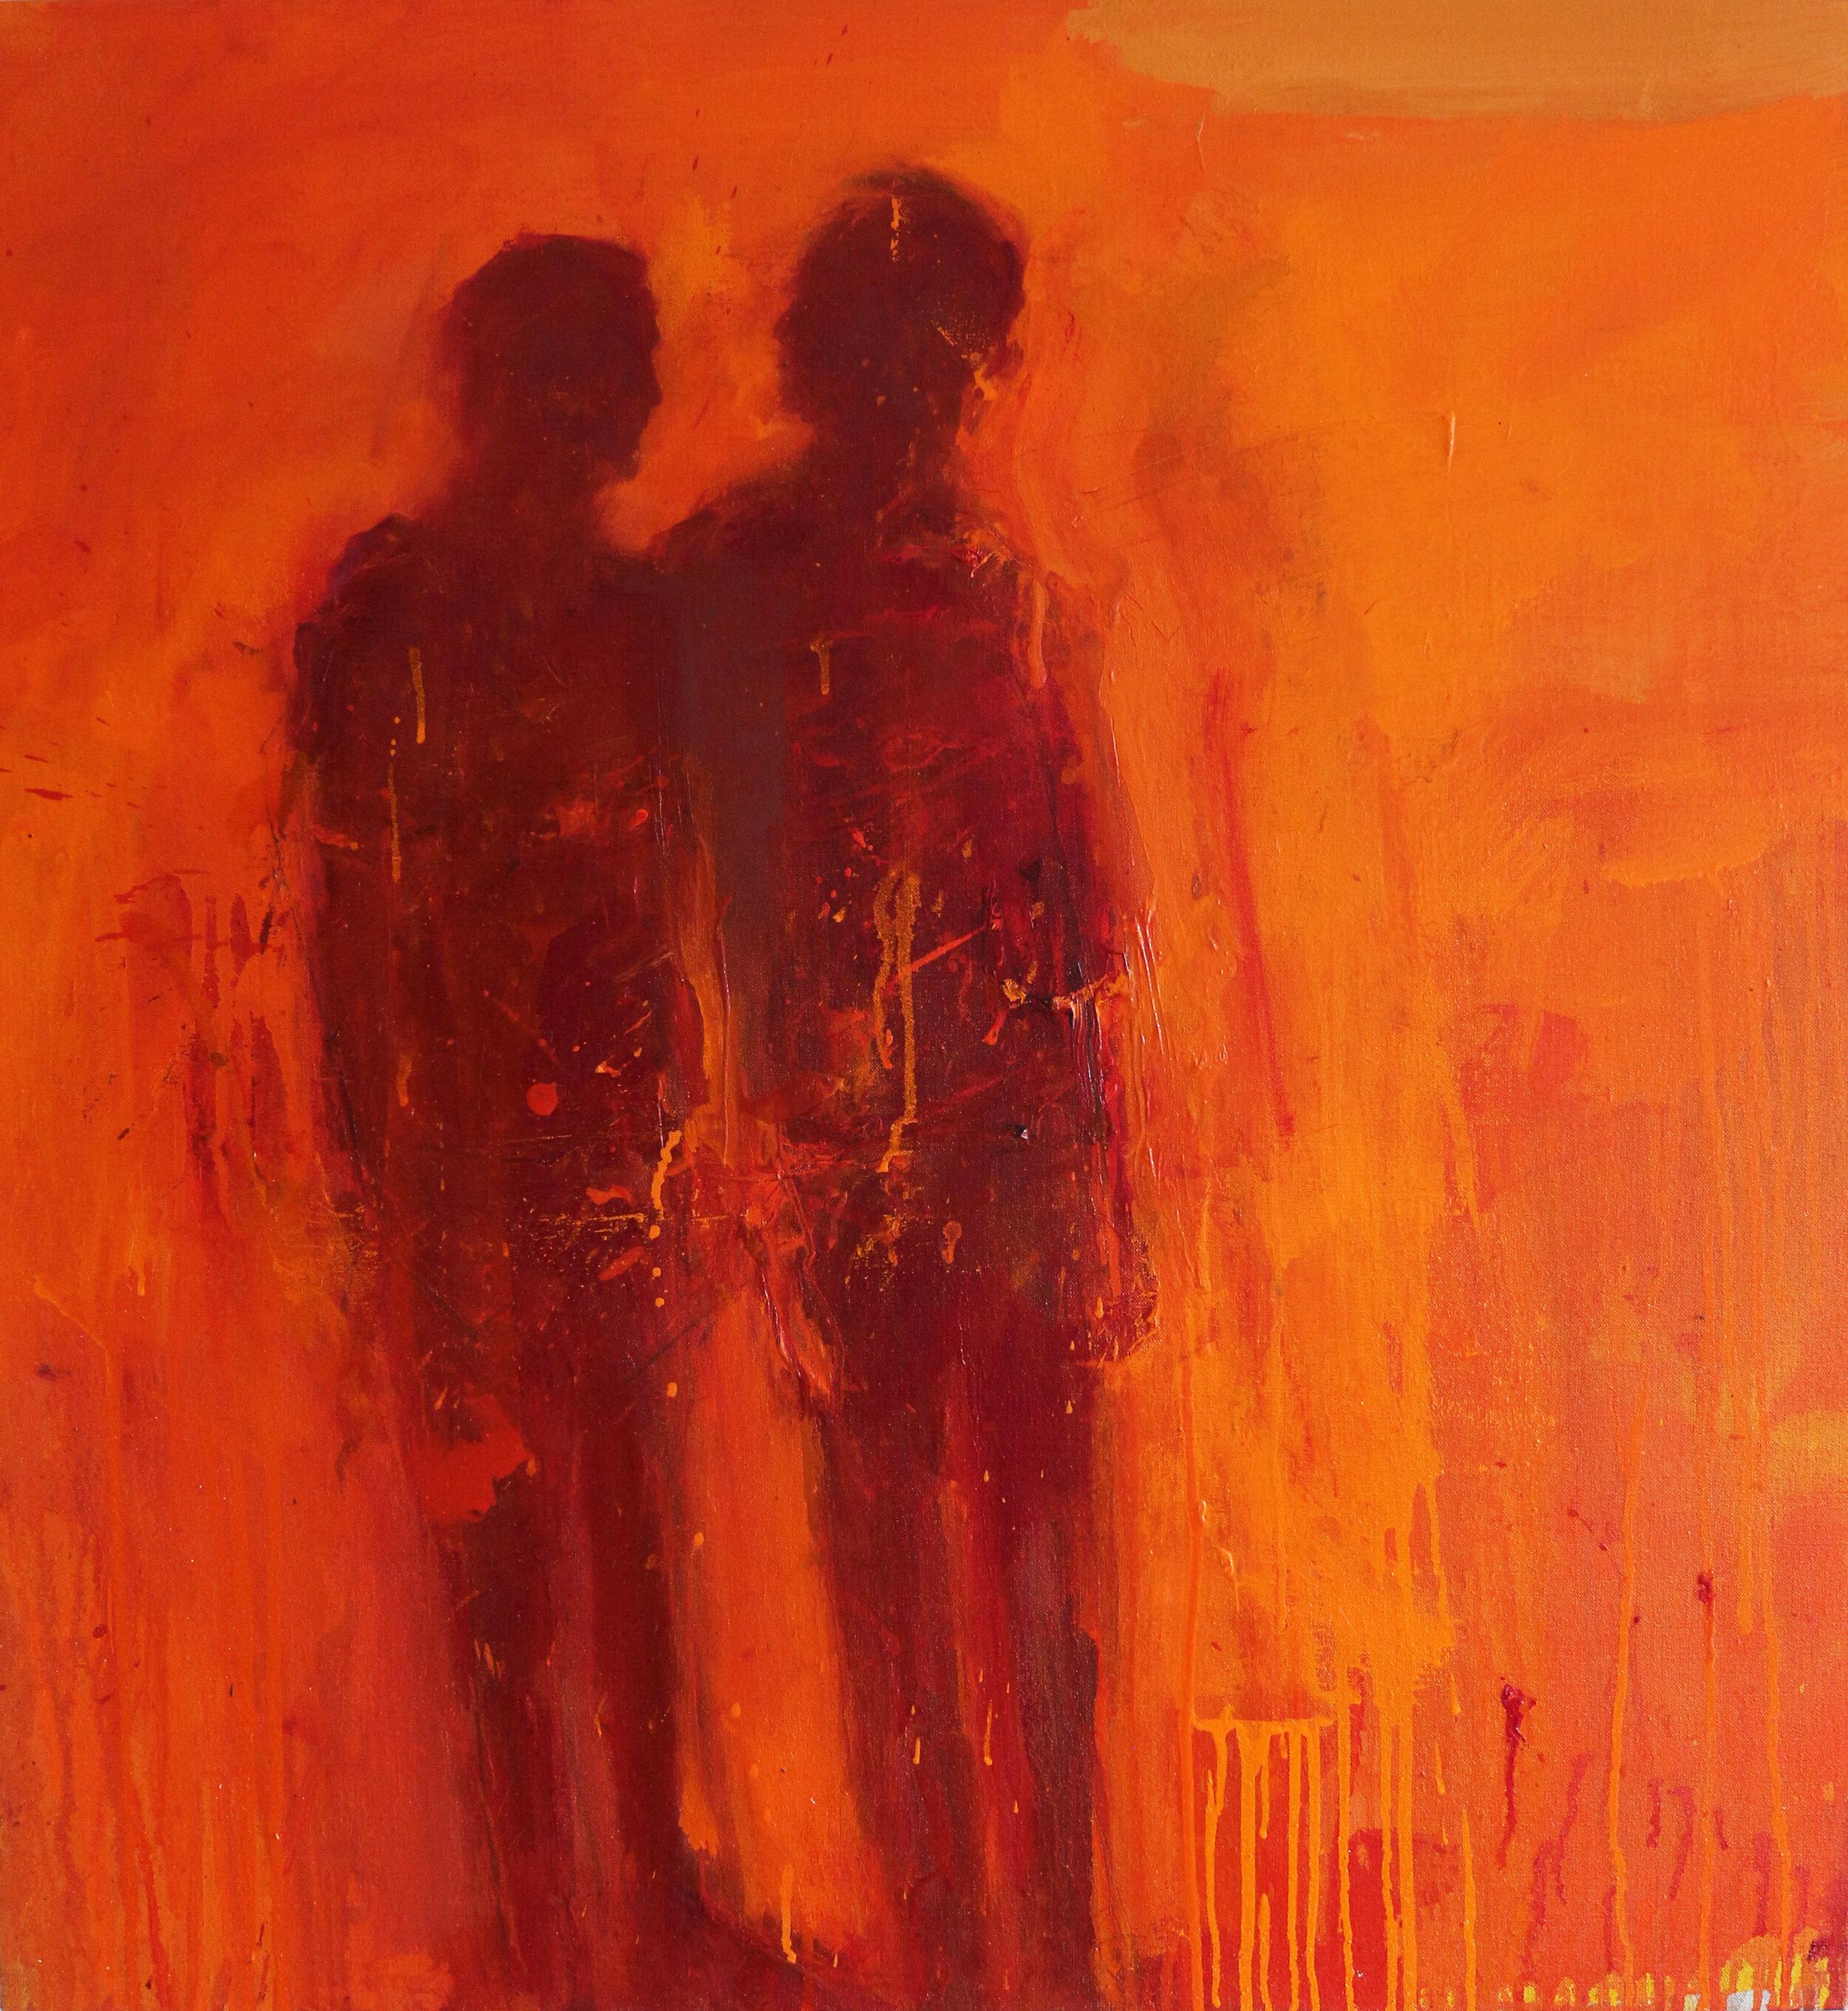 Like Never, Like Always - Oil on Linen 81 x 75 cm